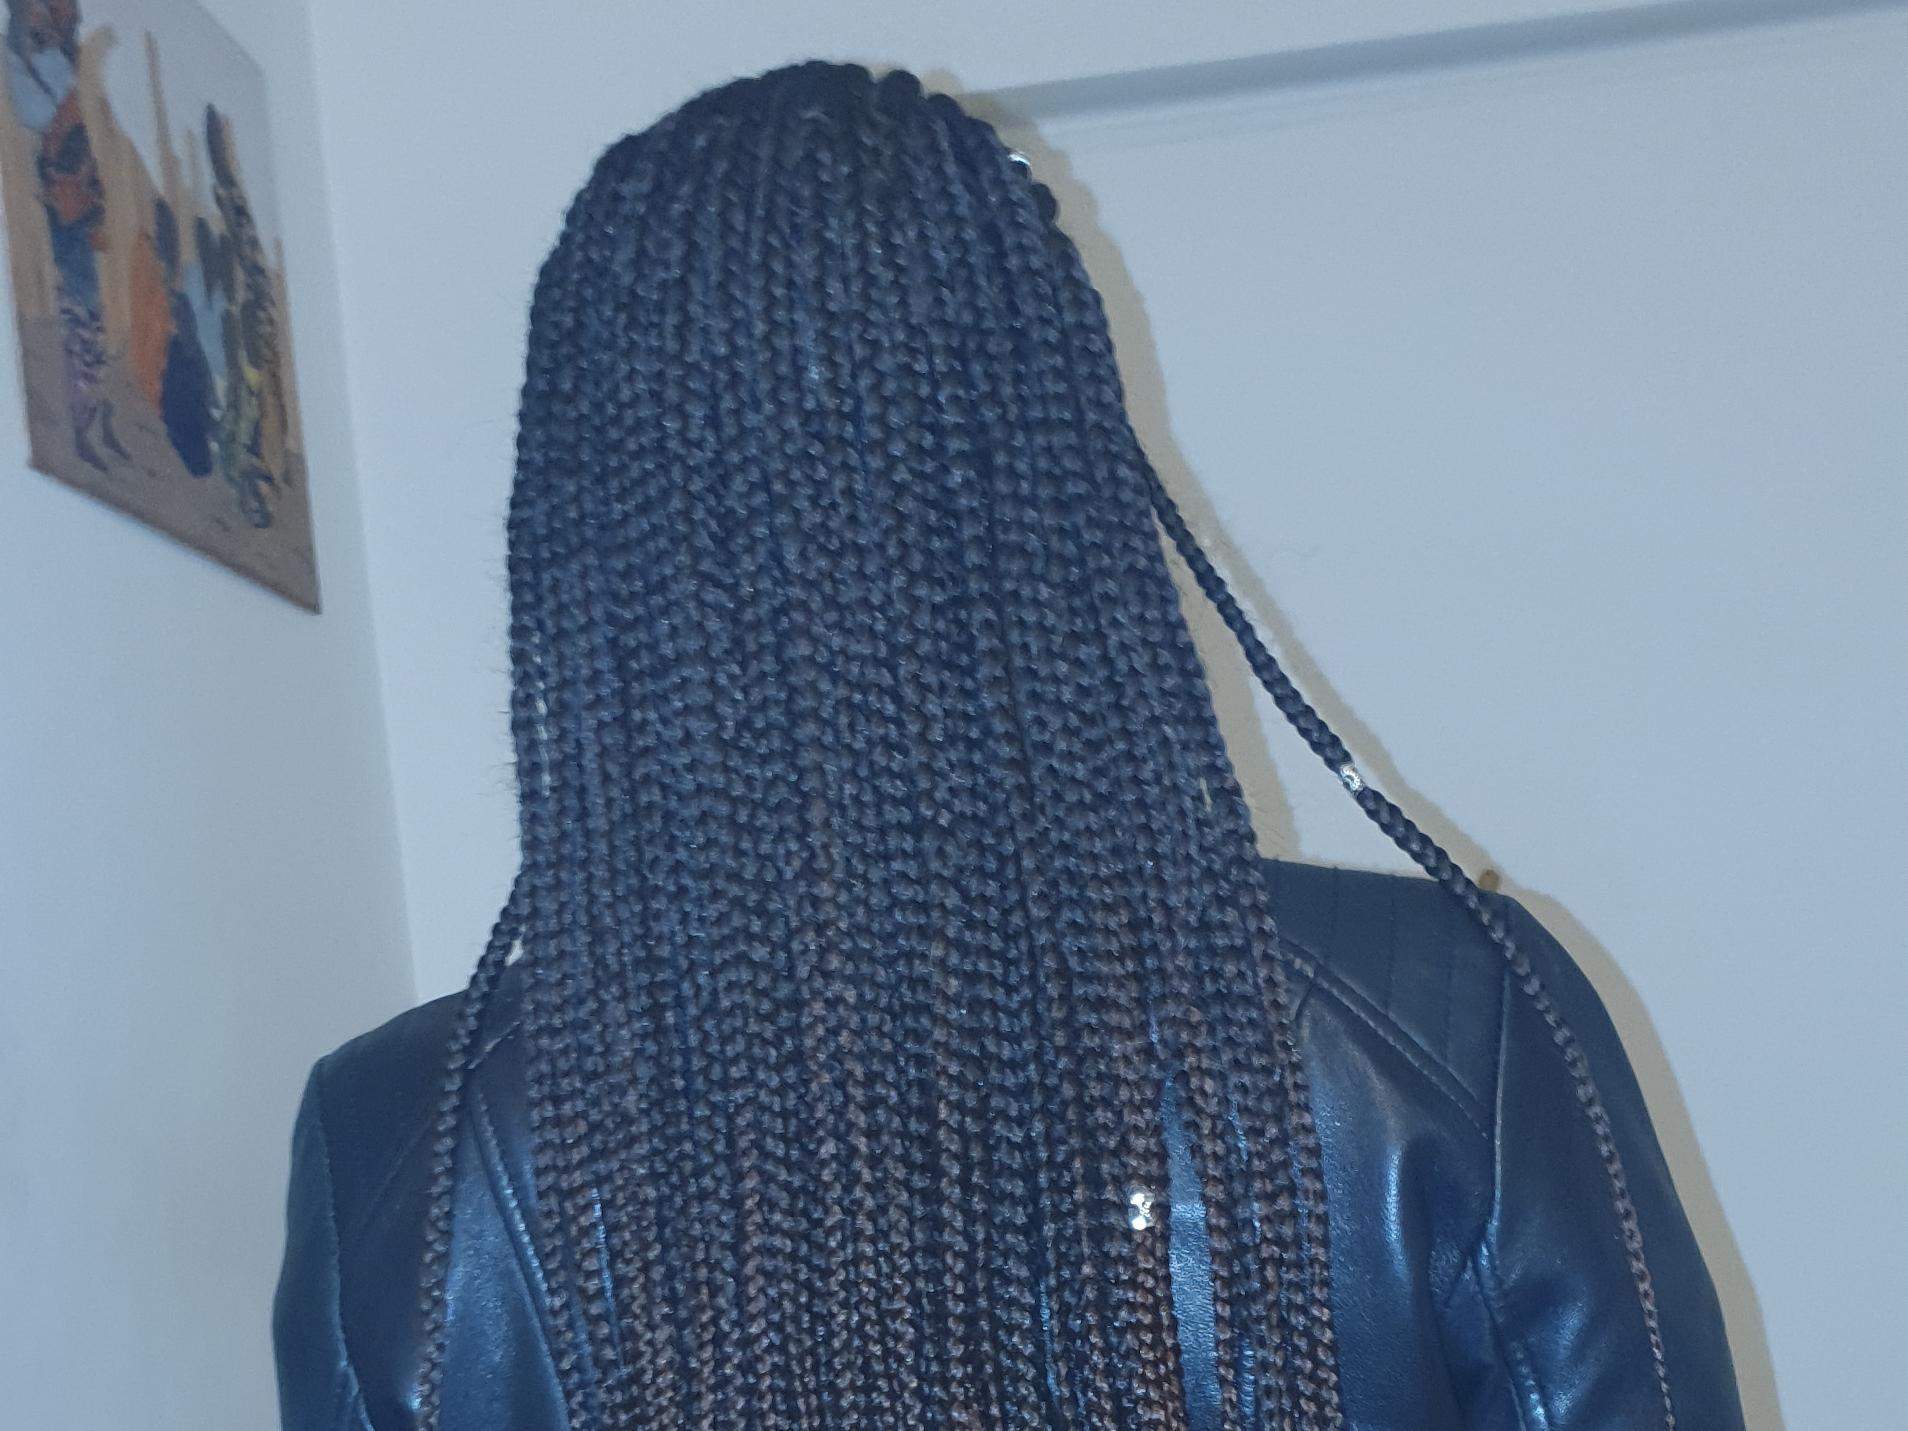 salon de coiffure afro tresse tresses box braids crochet braids vanilles tissages paris 75 77 78 91 92 93 94 95 SKLAGSRH